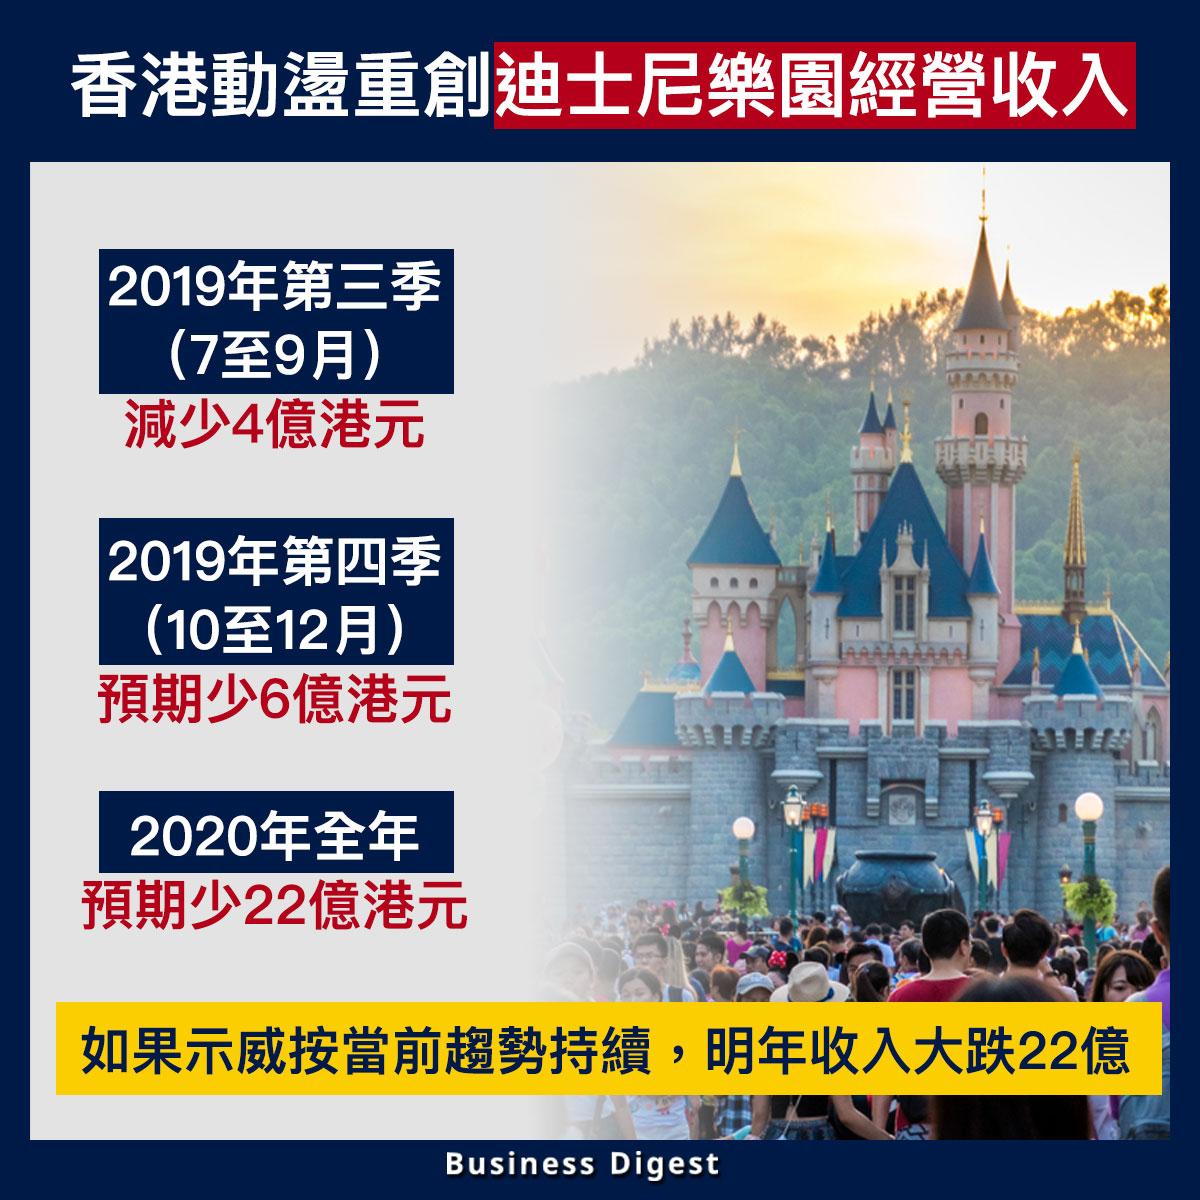 【從數據認識經濟】香港動盪重創迪士尼樂園經營收入